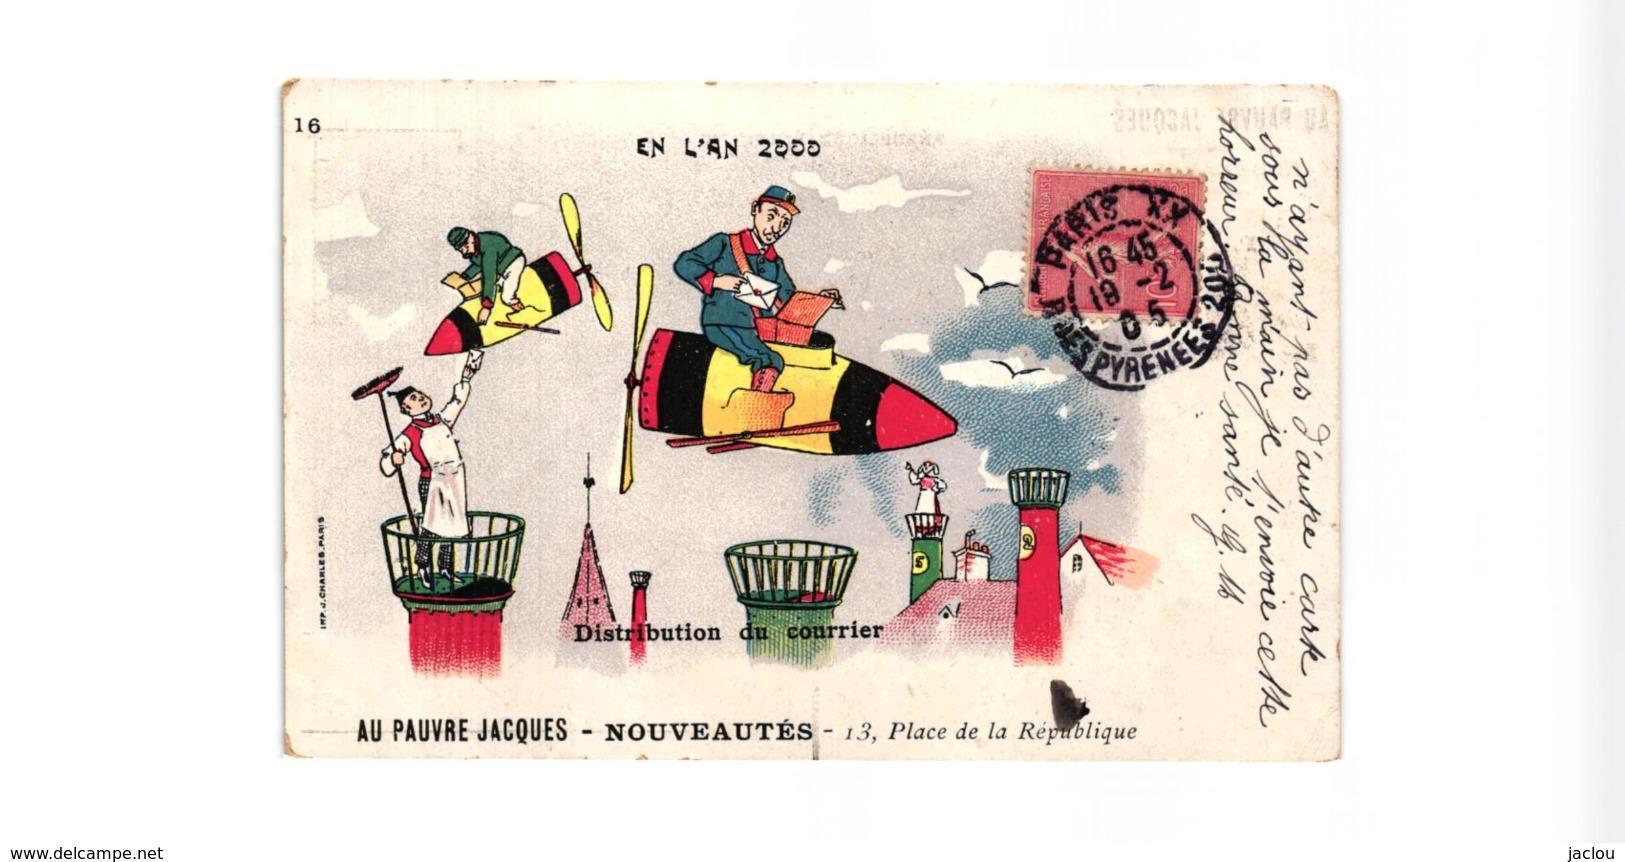 """PUBLICITAIRE """"AU PAUVRE JACQUES """"DISTRIBUTION DU COURRIER EN L'AN 2000,A VOIR !!!!   REF 58892A - Postal Services"""